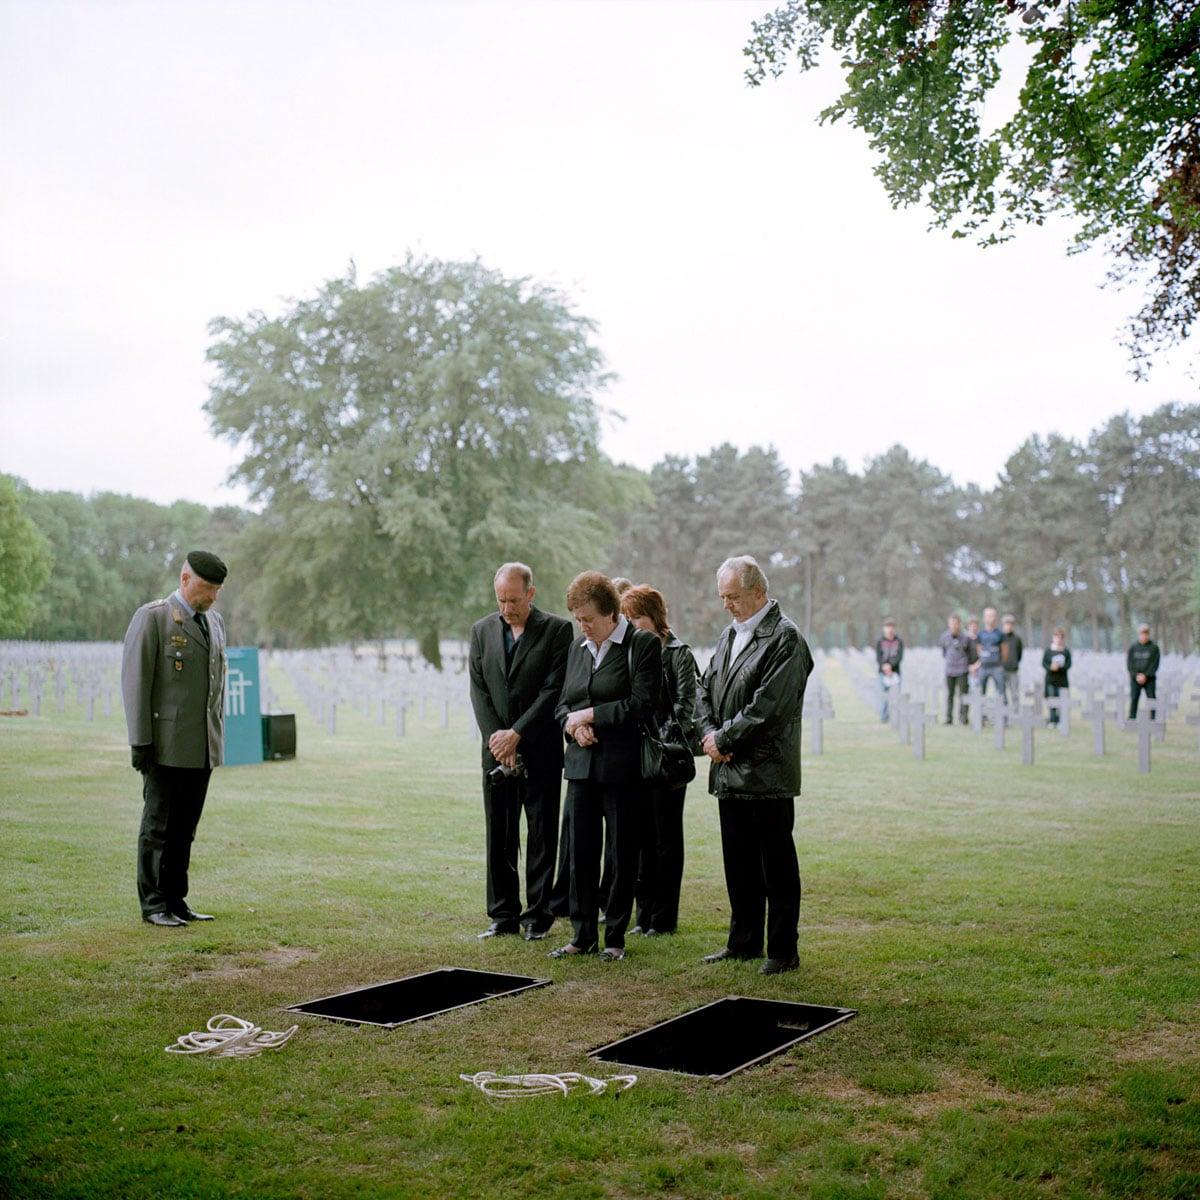 Nederland, Ysselsteyn, 19-05-2011 Herbegrafenis van Bruno Sander, Fried Janssen, Horst Quietzsch en twee onbekende Duitse Soldaten uit de Tweede Wereld Oorlog. De begrafenis vond plaats in het bijzijn van familie van een van de slachtoffer, Duitse en Nederlandse Militairen en schoolkinderen. De Duitse militaire begraafplaats in Ysselsteyn (Limburg) is de grootste militaire begraafplaats in Nederland. Het is de enige Duitse militaire begraafplaats in Nederland. Er liggen voornamelijk omgekomen Duitse militairen van de Tweede Wereldoorlog begraven. PHOTO AND COPYRIGHT ROGER CREMERS